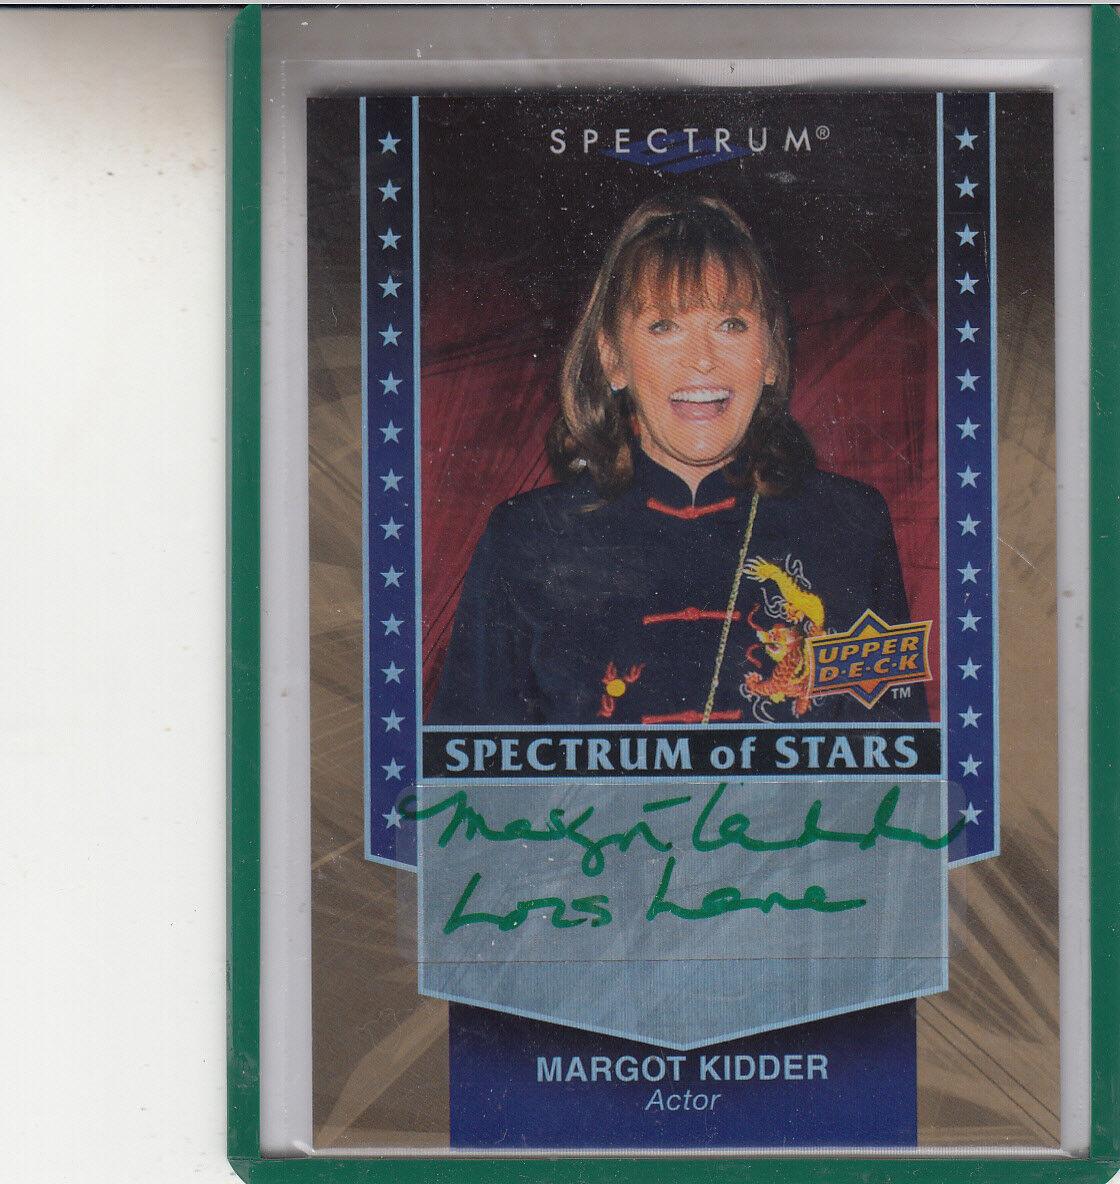 2008 u. d. spectrum of stars margot Enfantder  lois lane autograph inscribed